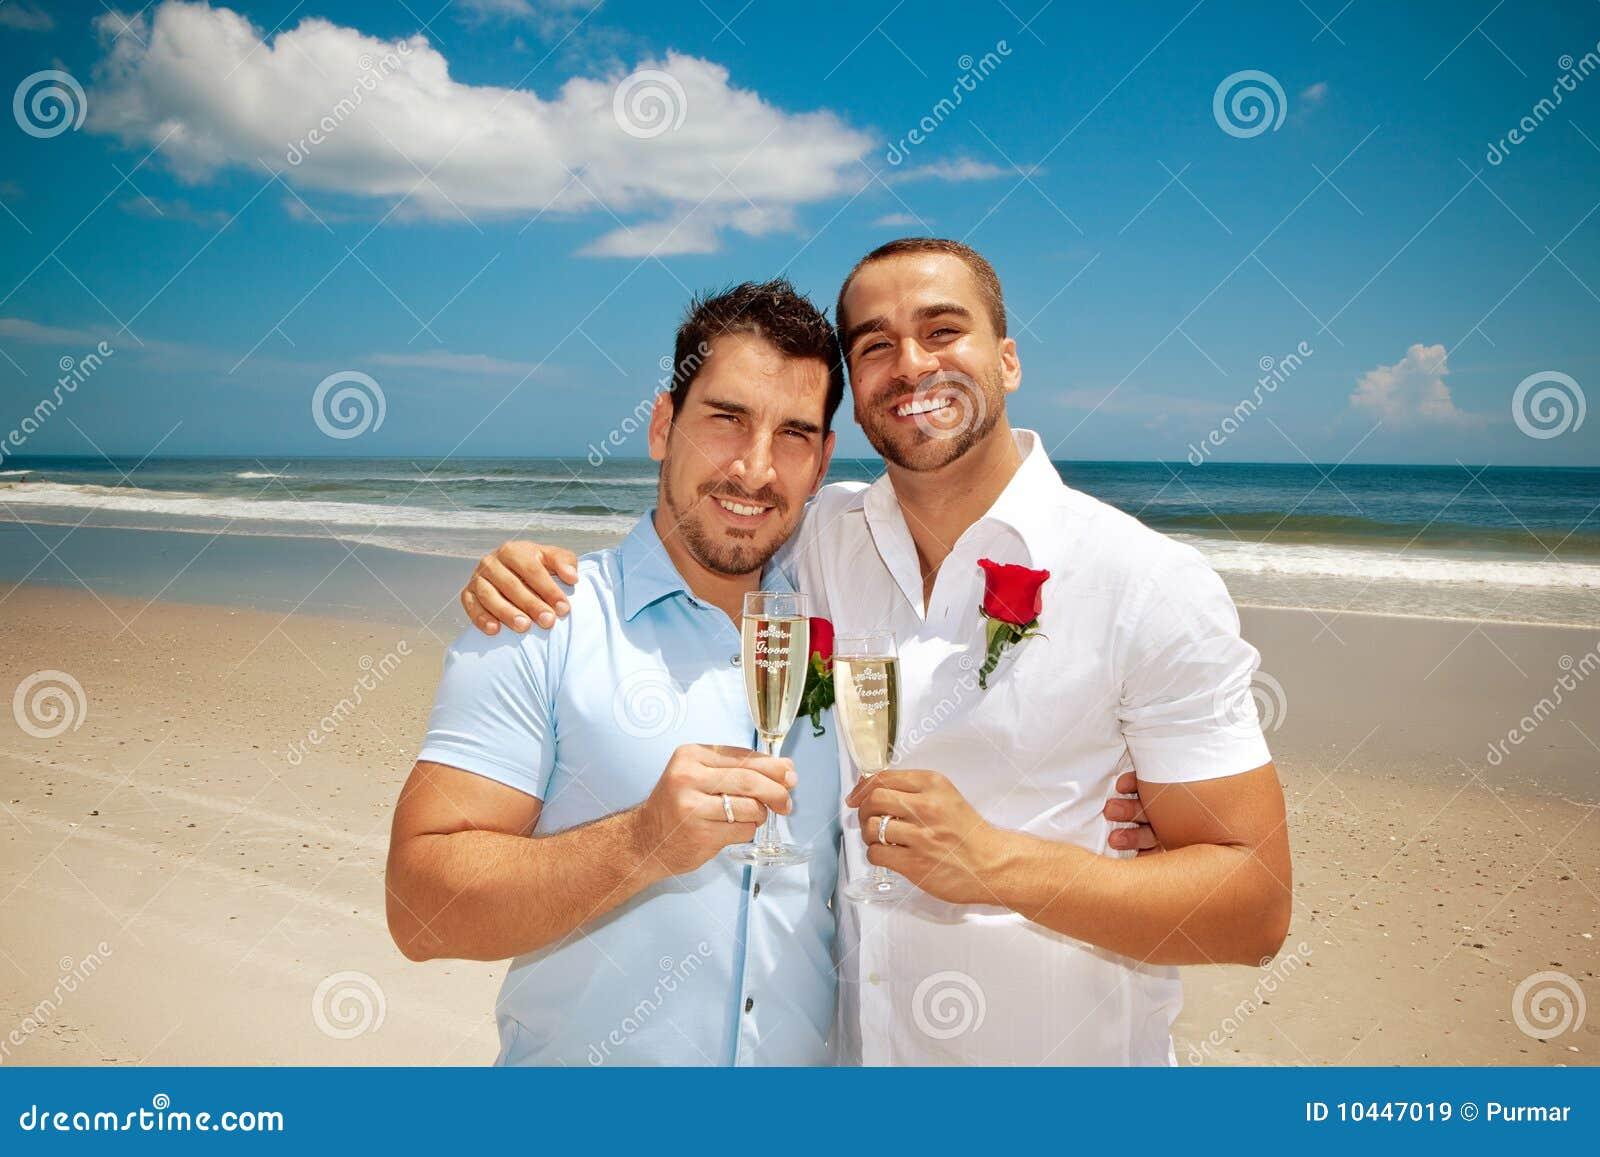 mariage homosexuel sur une plage images libres de droits image 10447019. Black Bedroom Furniture Sets. Home Design Ideas